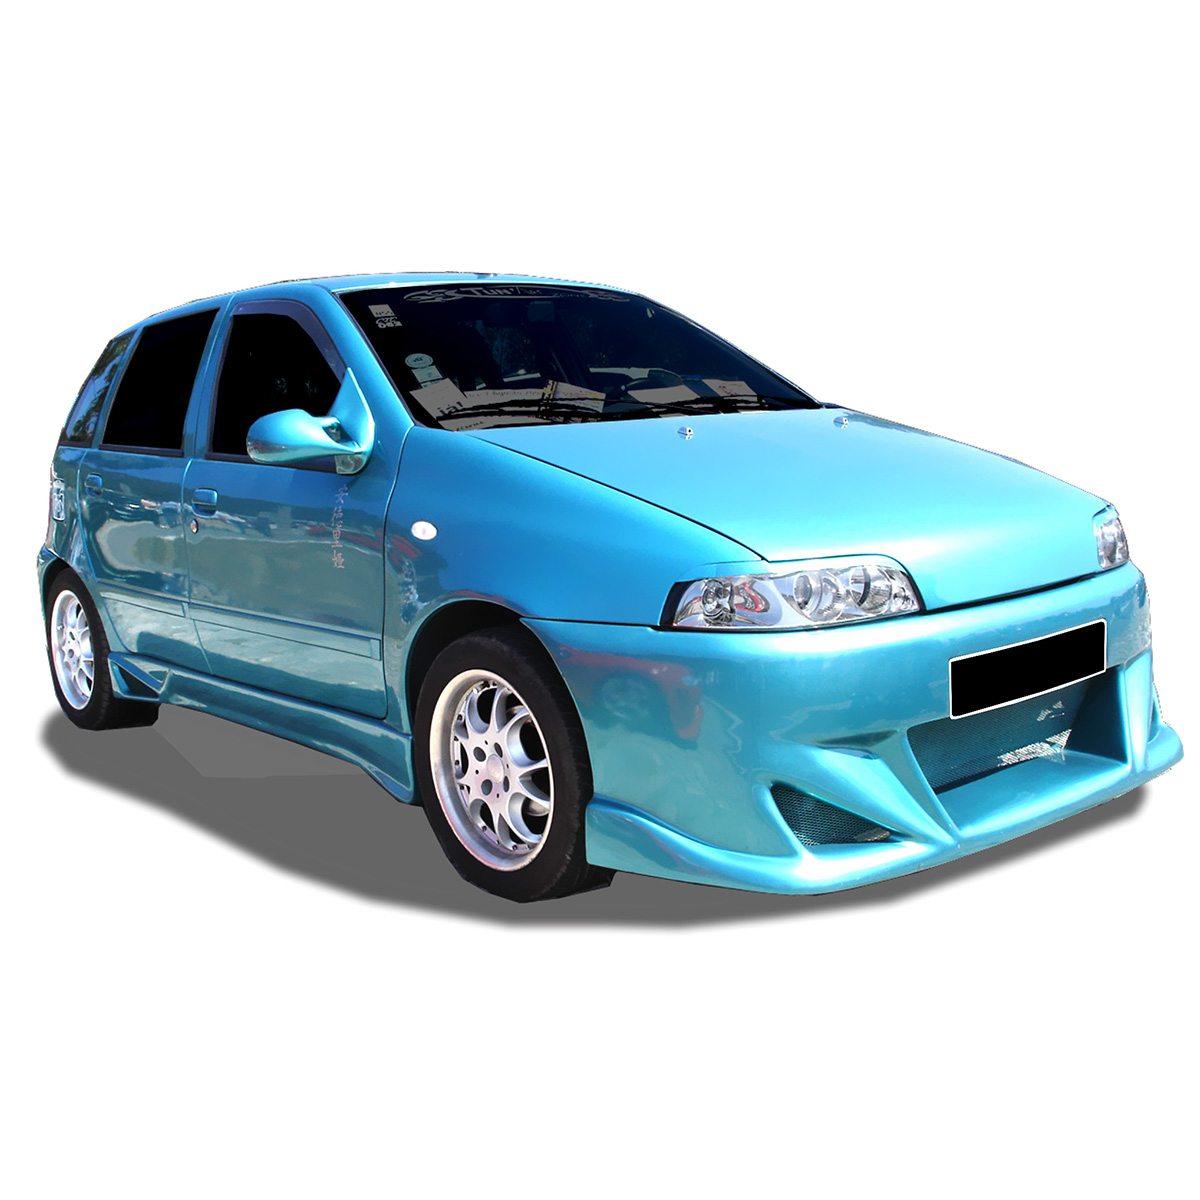 Fiat-Punto-I-Extreme-Emb-EBU0060